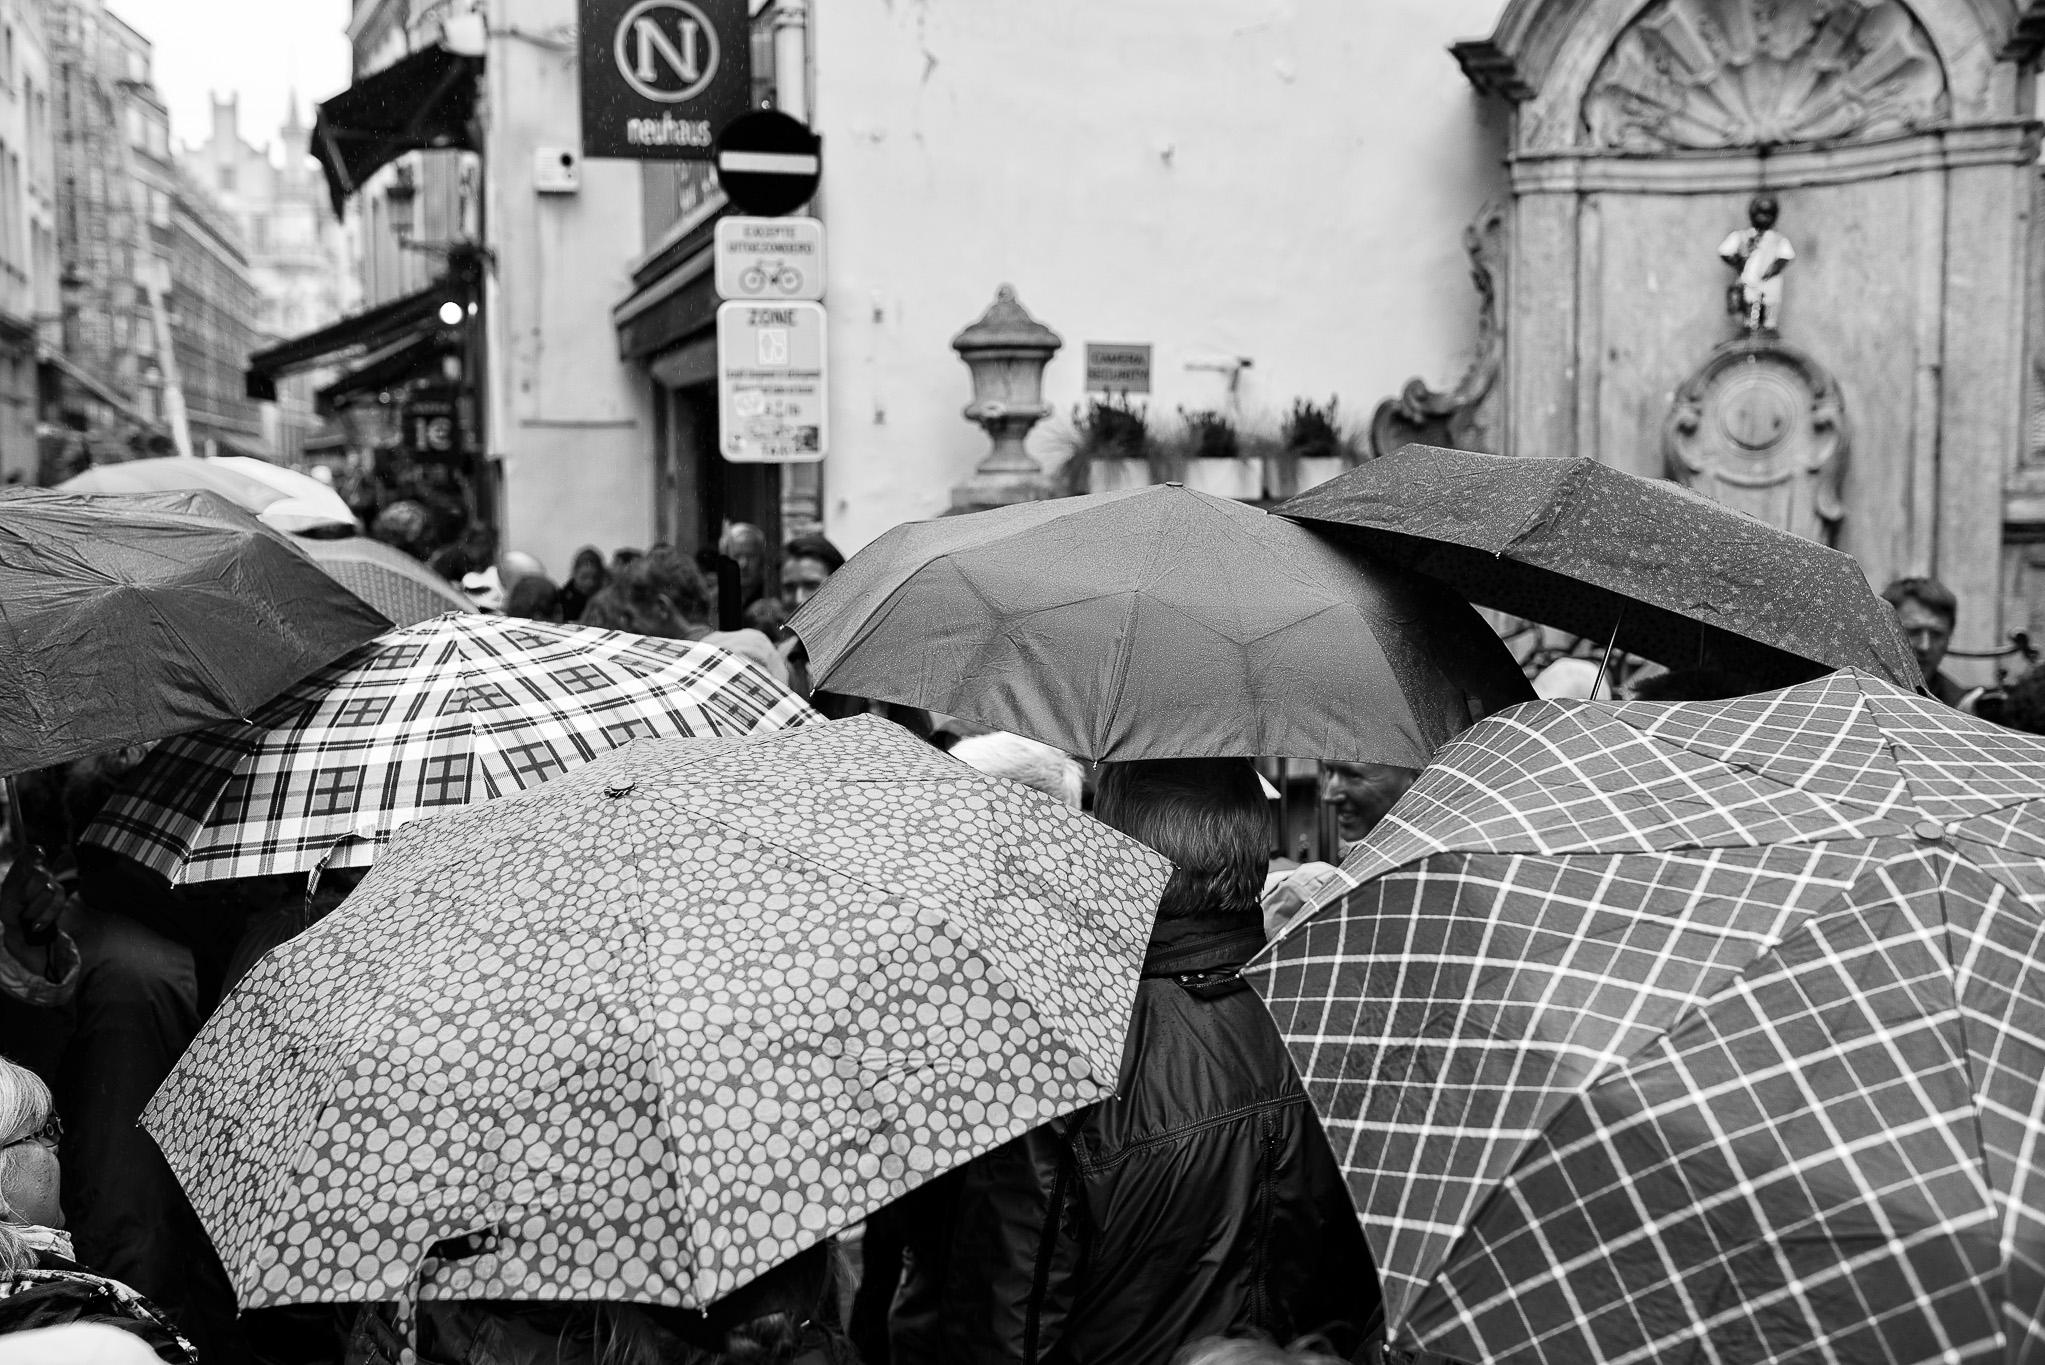 Les ombrelles de Bruxelles devant Mannekenpis